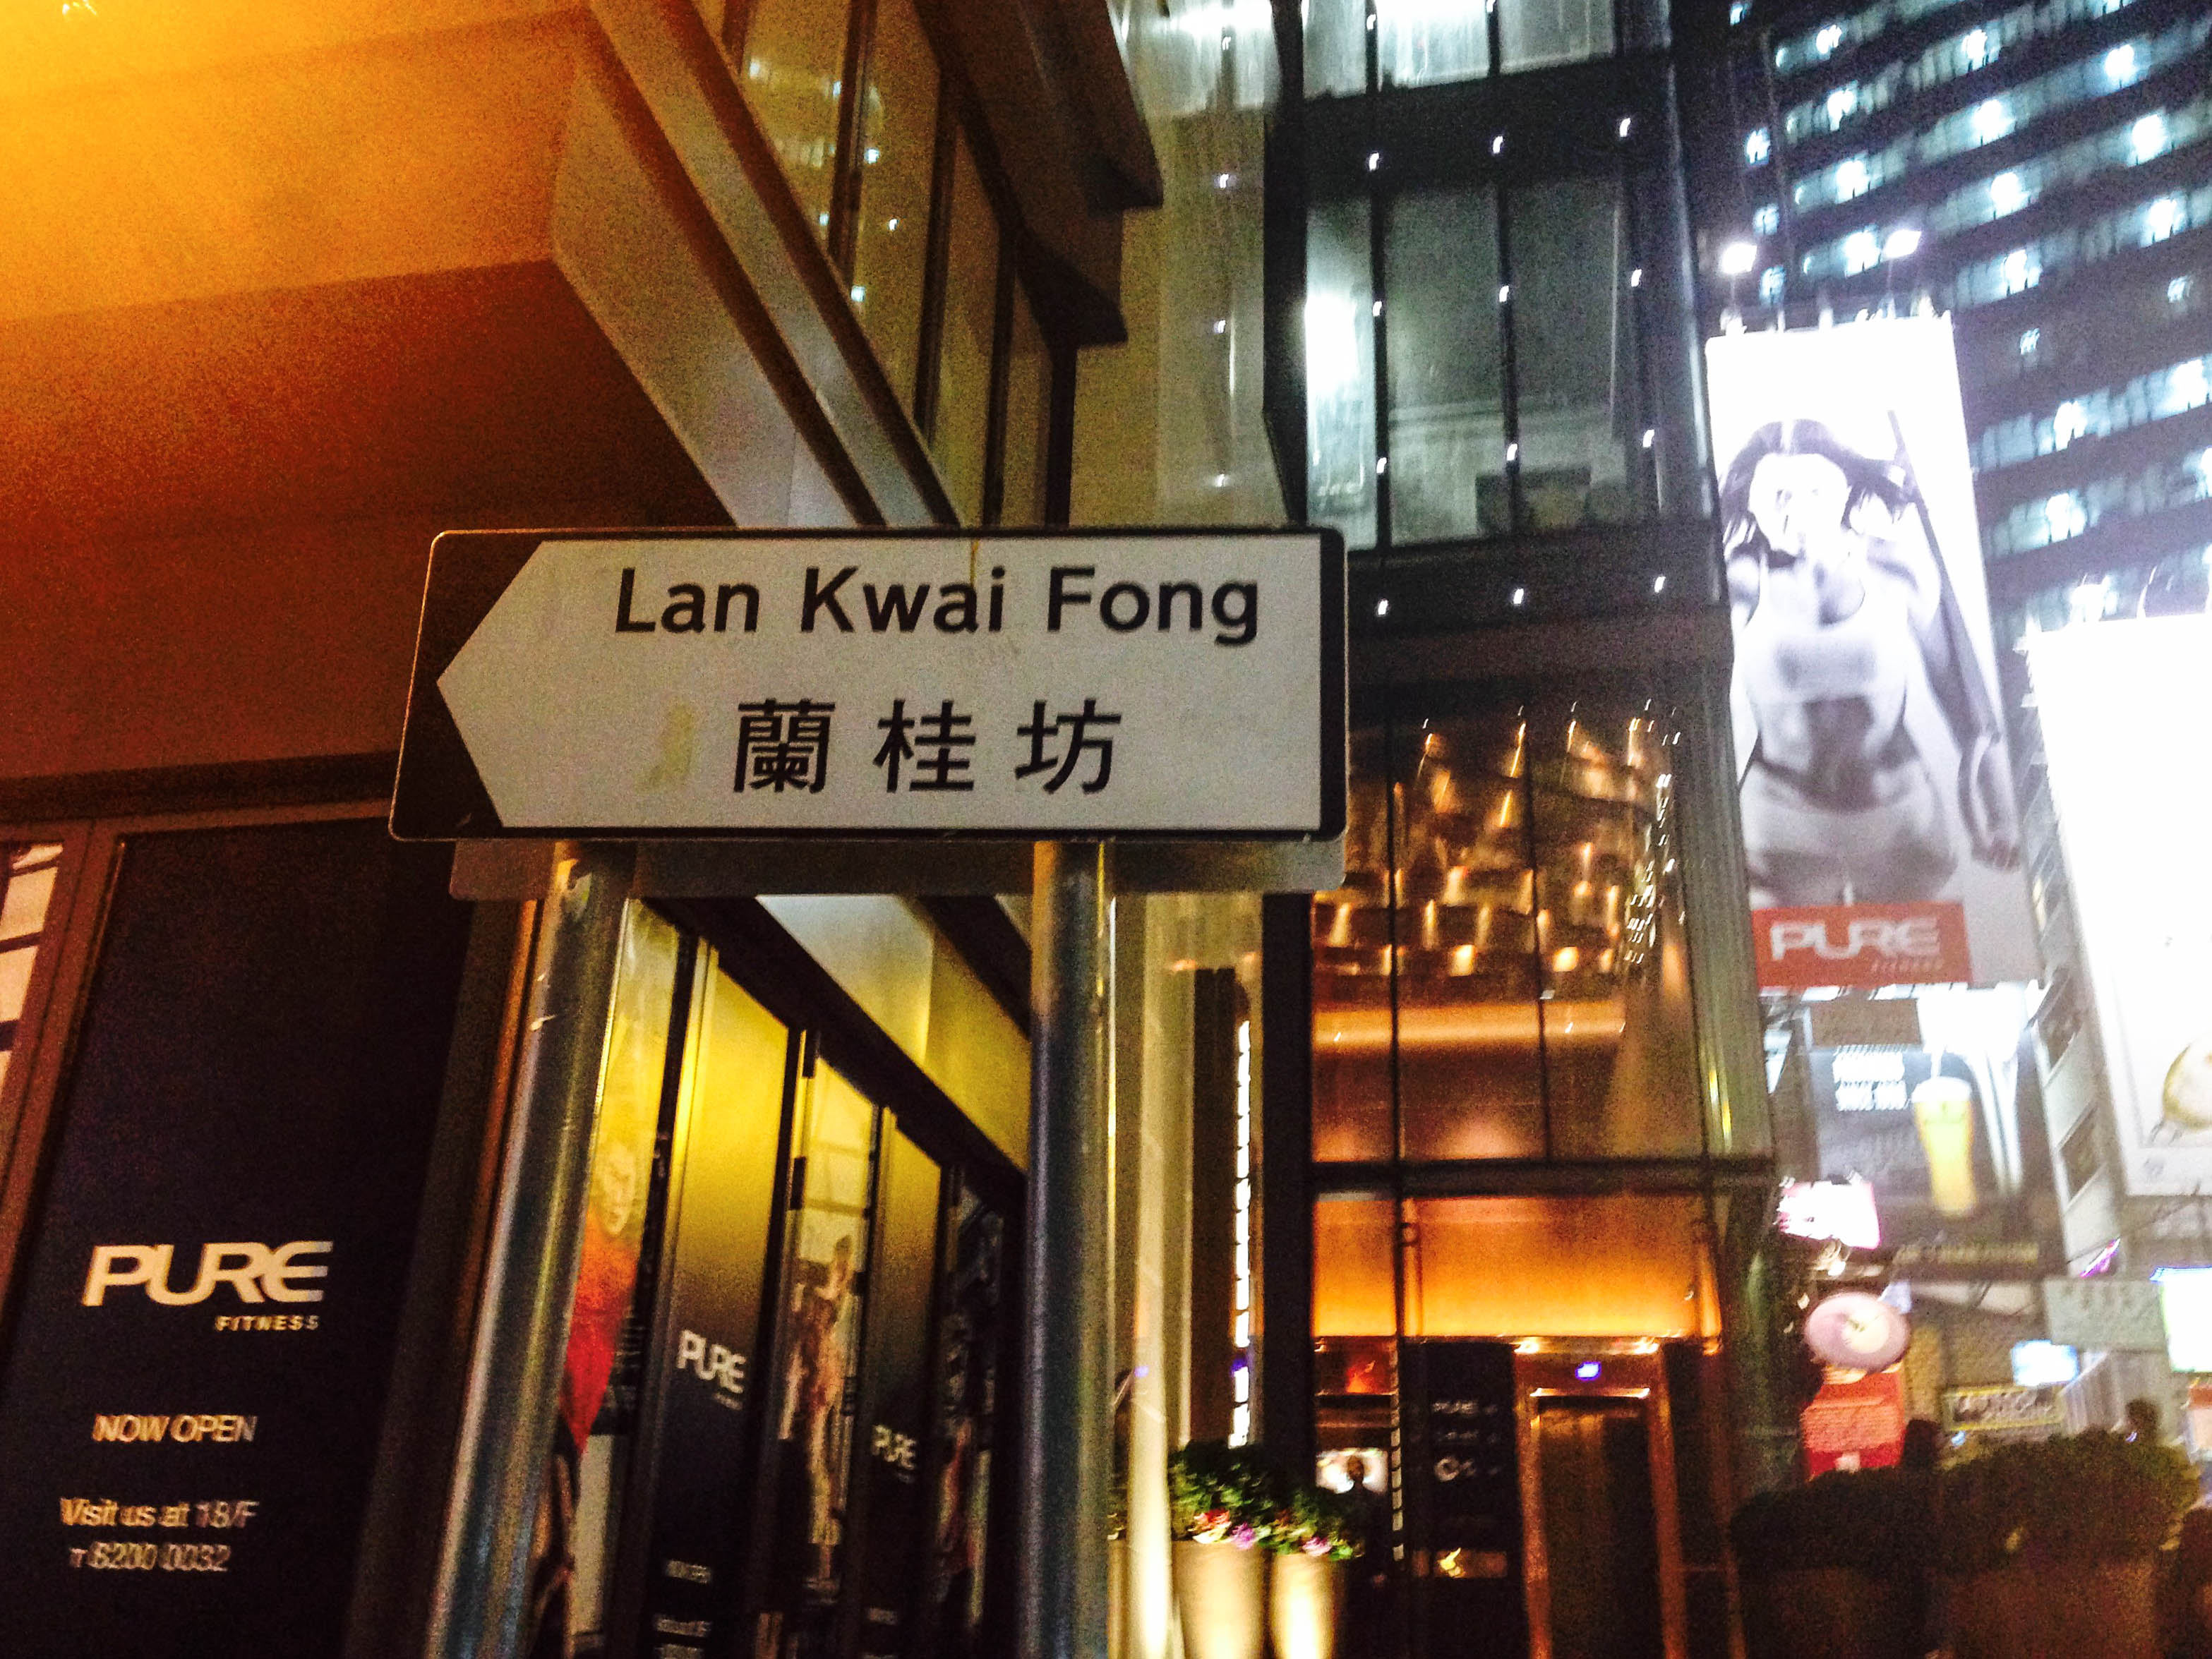 兰桂坊:因找不到地方消费,他放弃20亿的产业,最终成为香港娱乐业第一人_盛智文